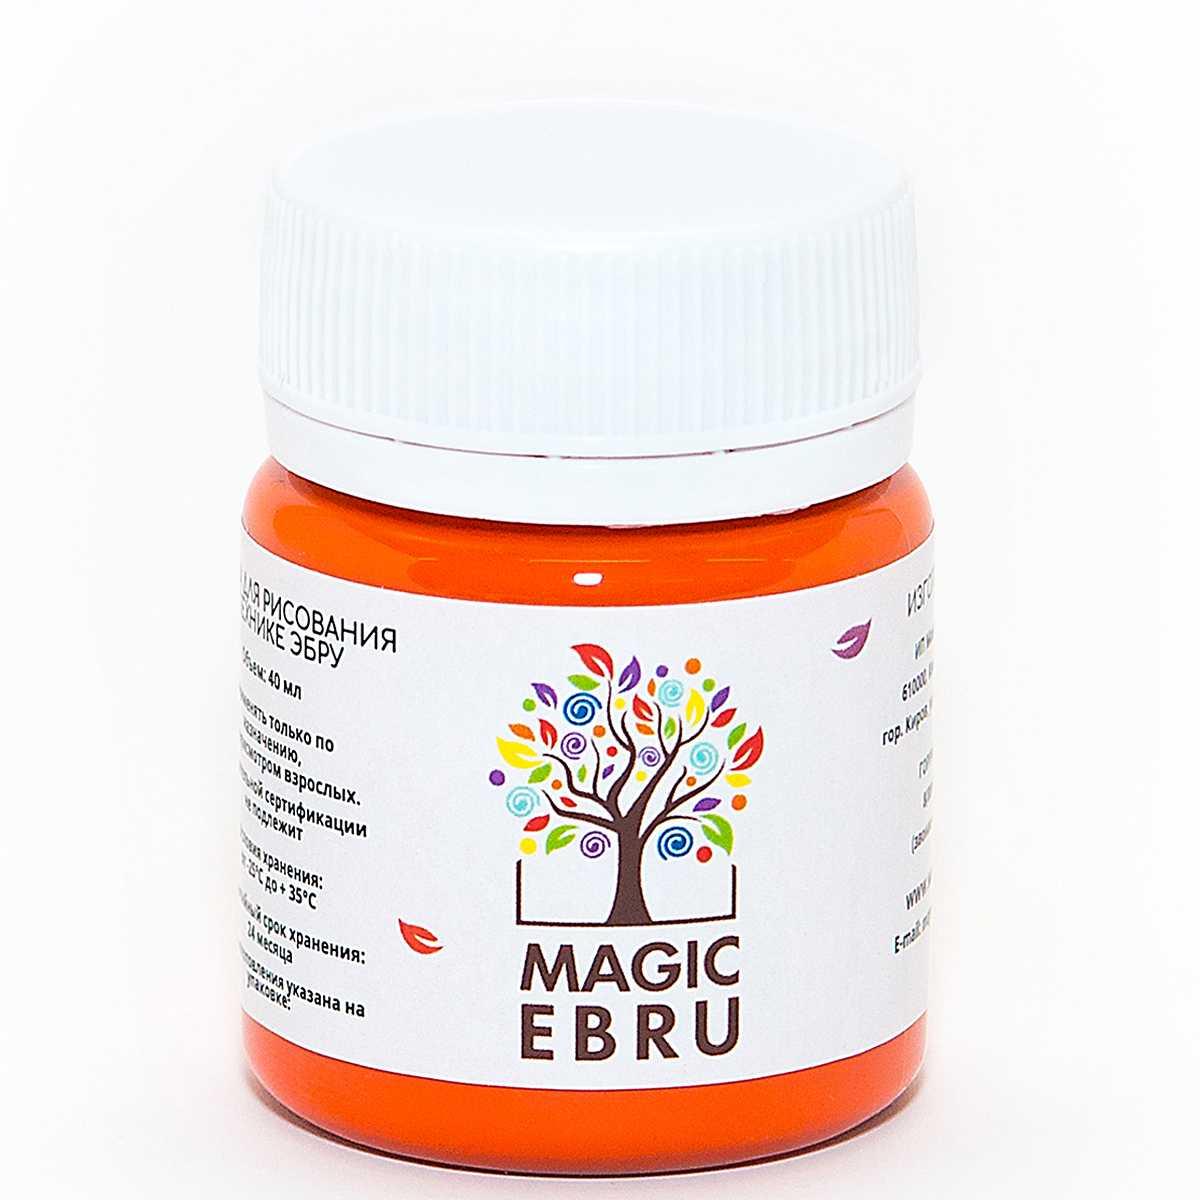 Купить Краска Magic EBRU 40 мл, оранжевая, Россия